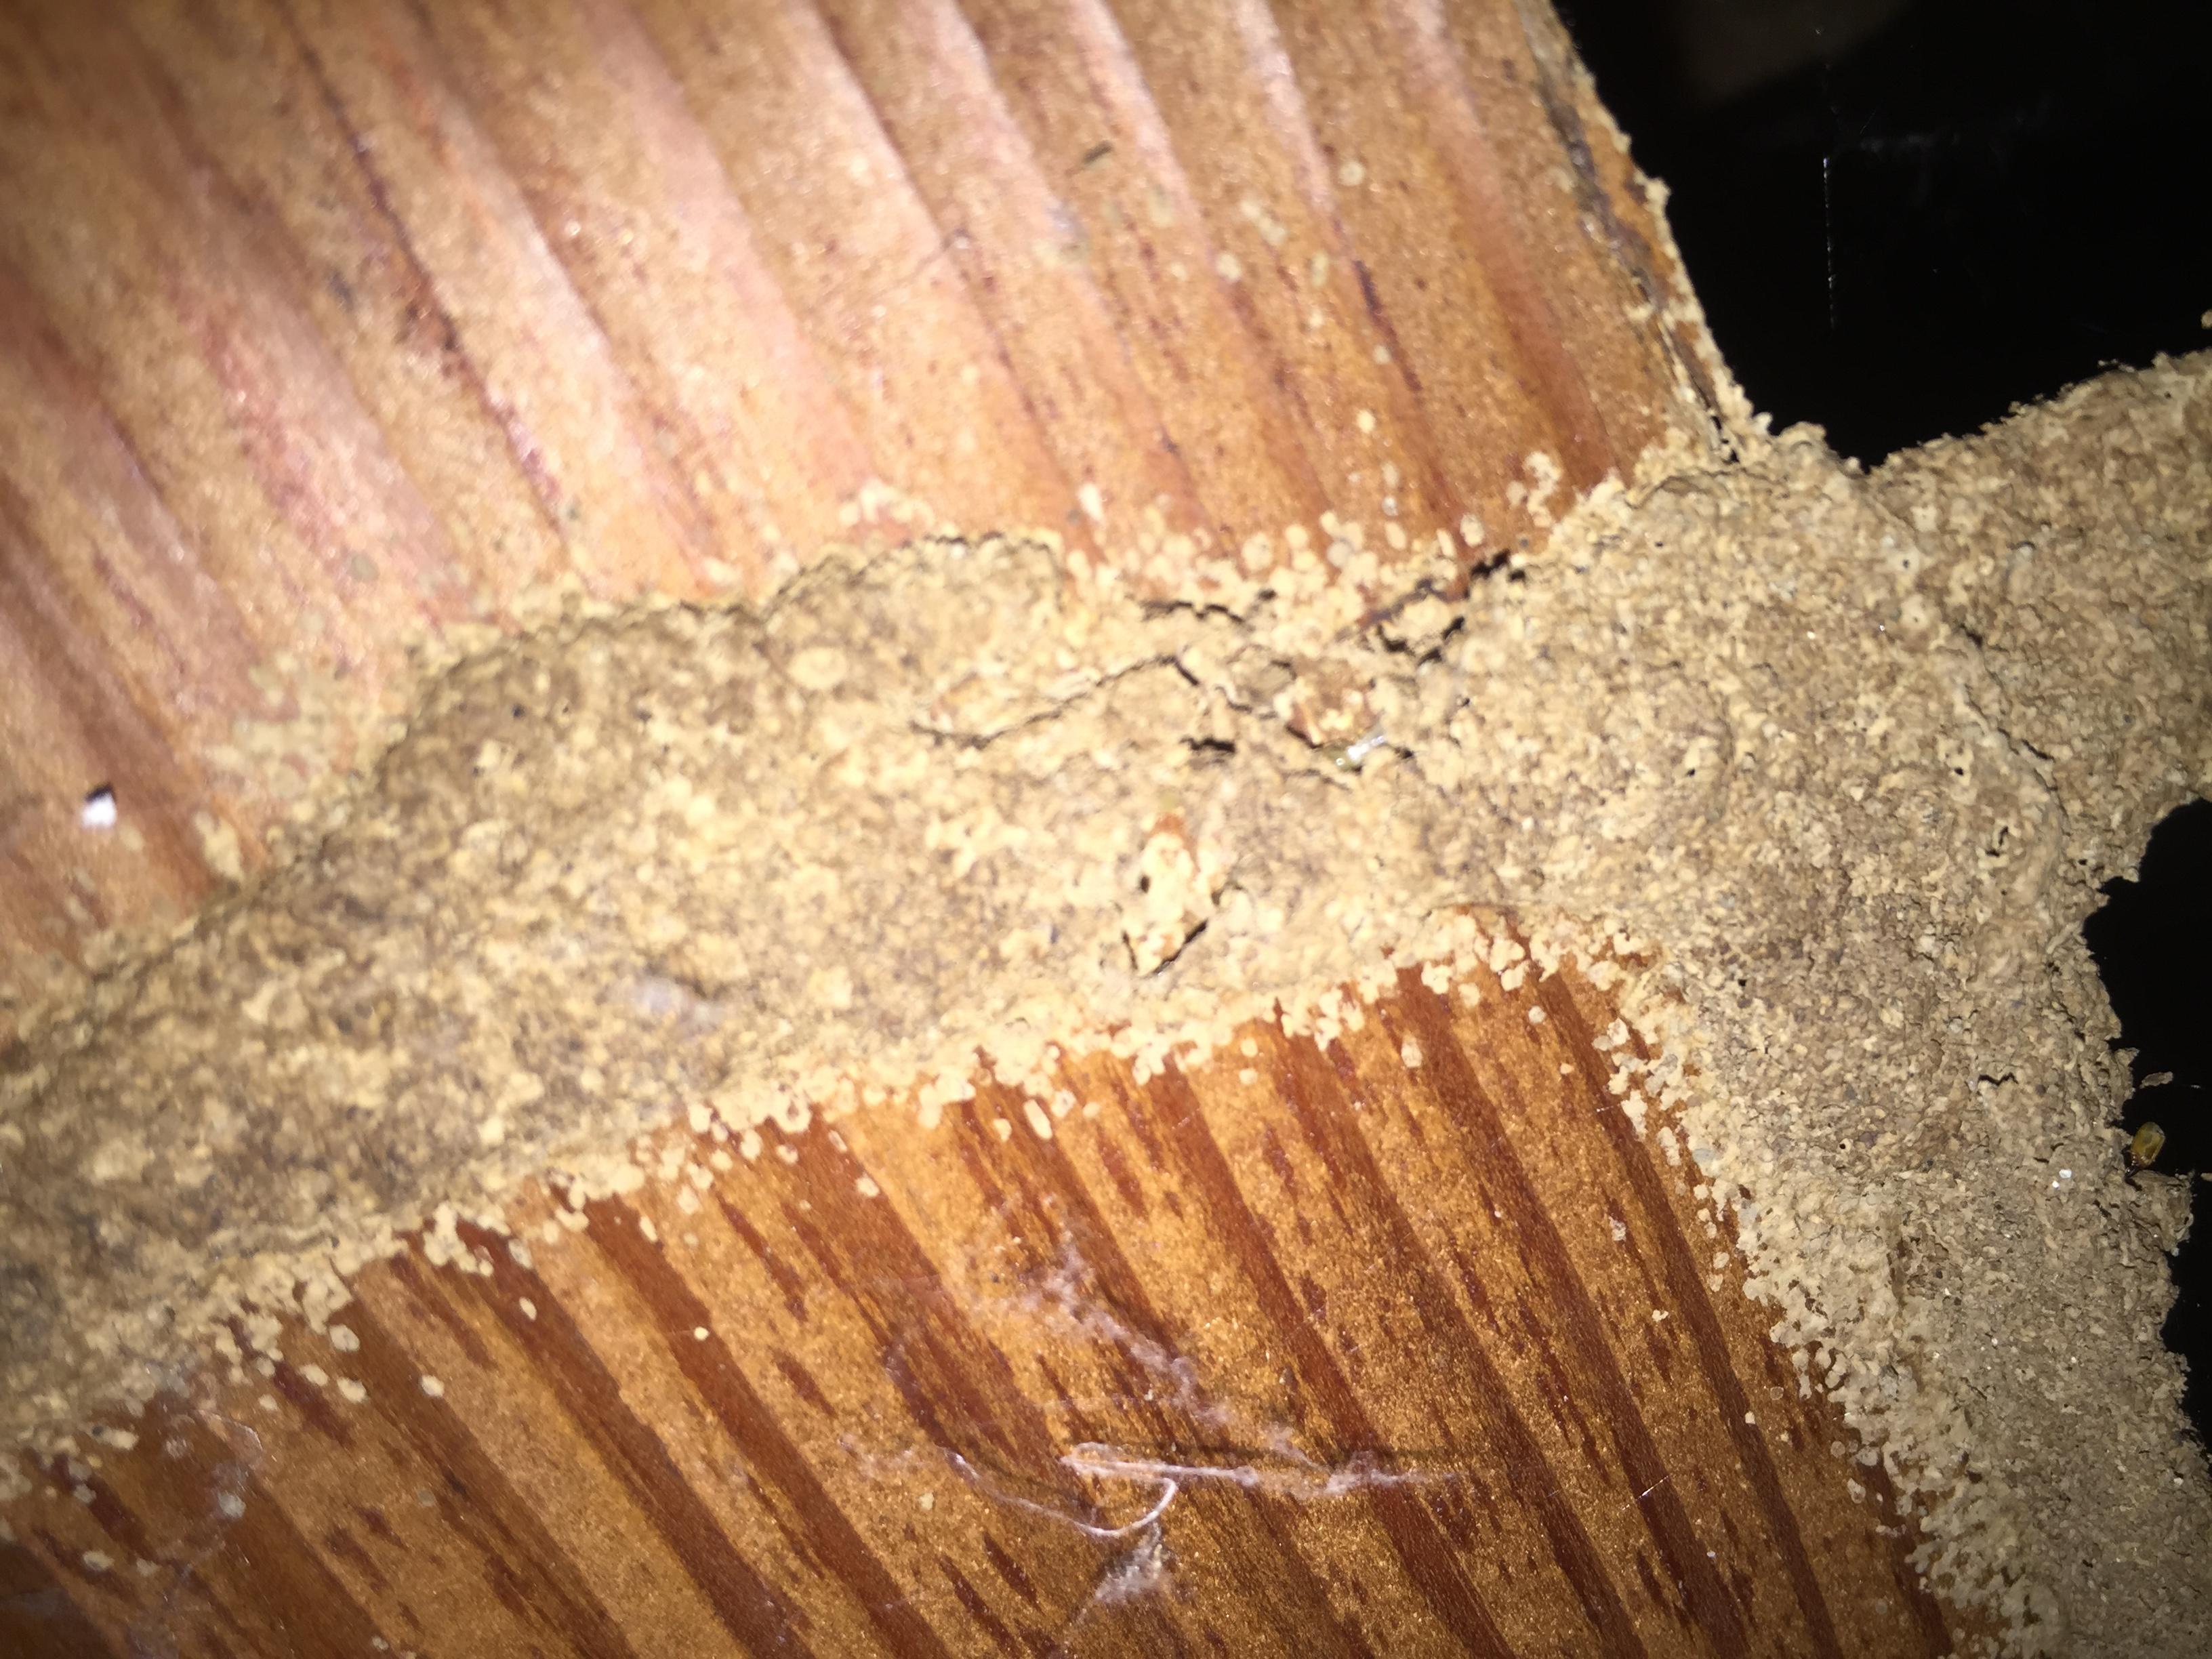 Subterranean termite damage in Modesto